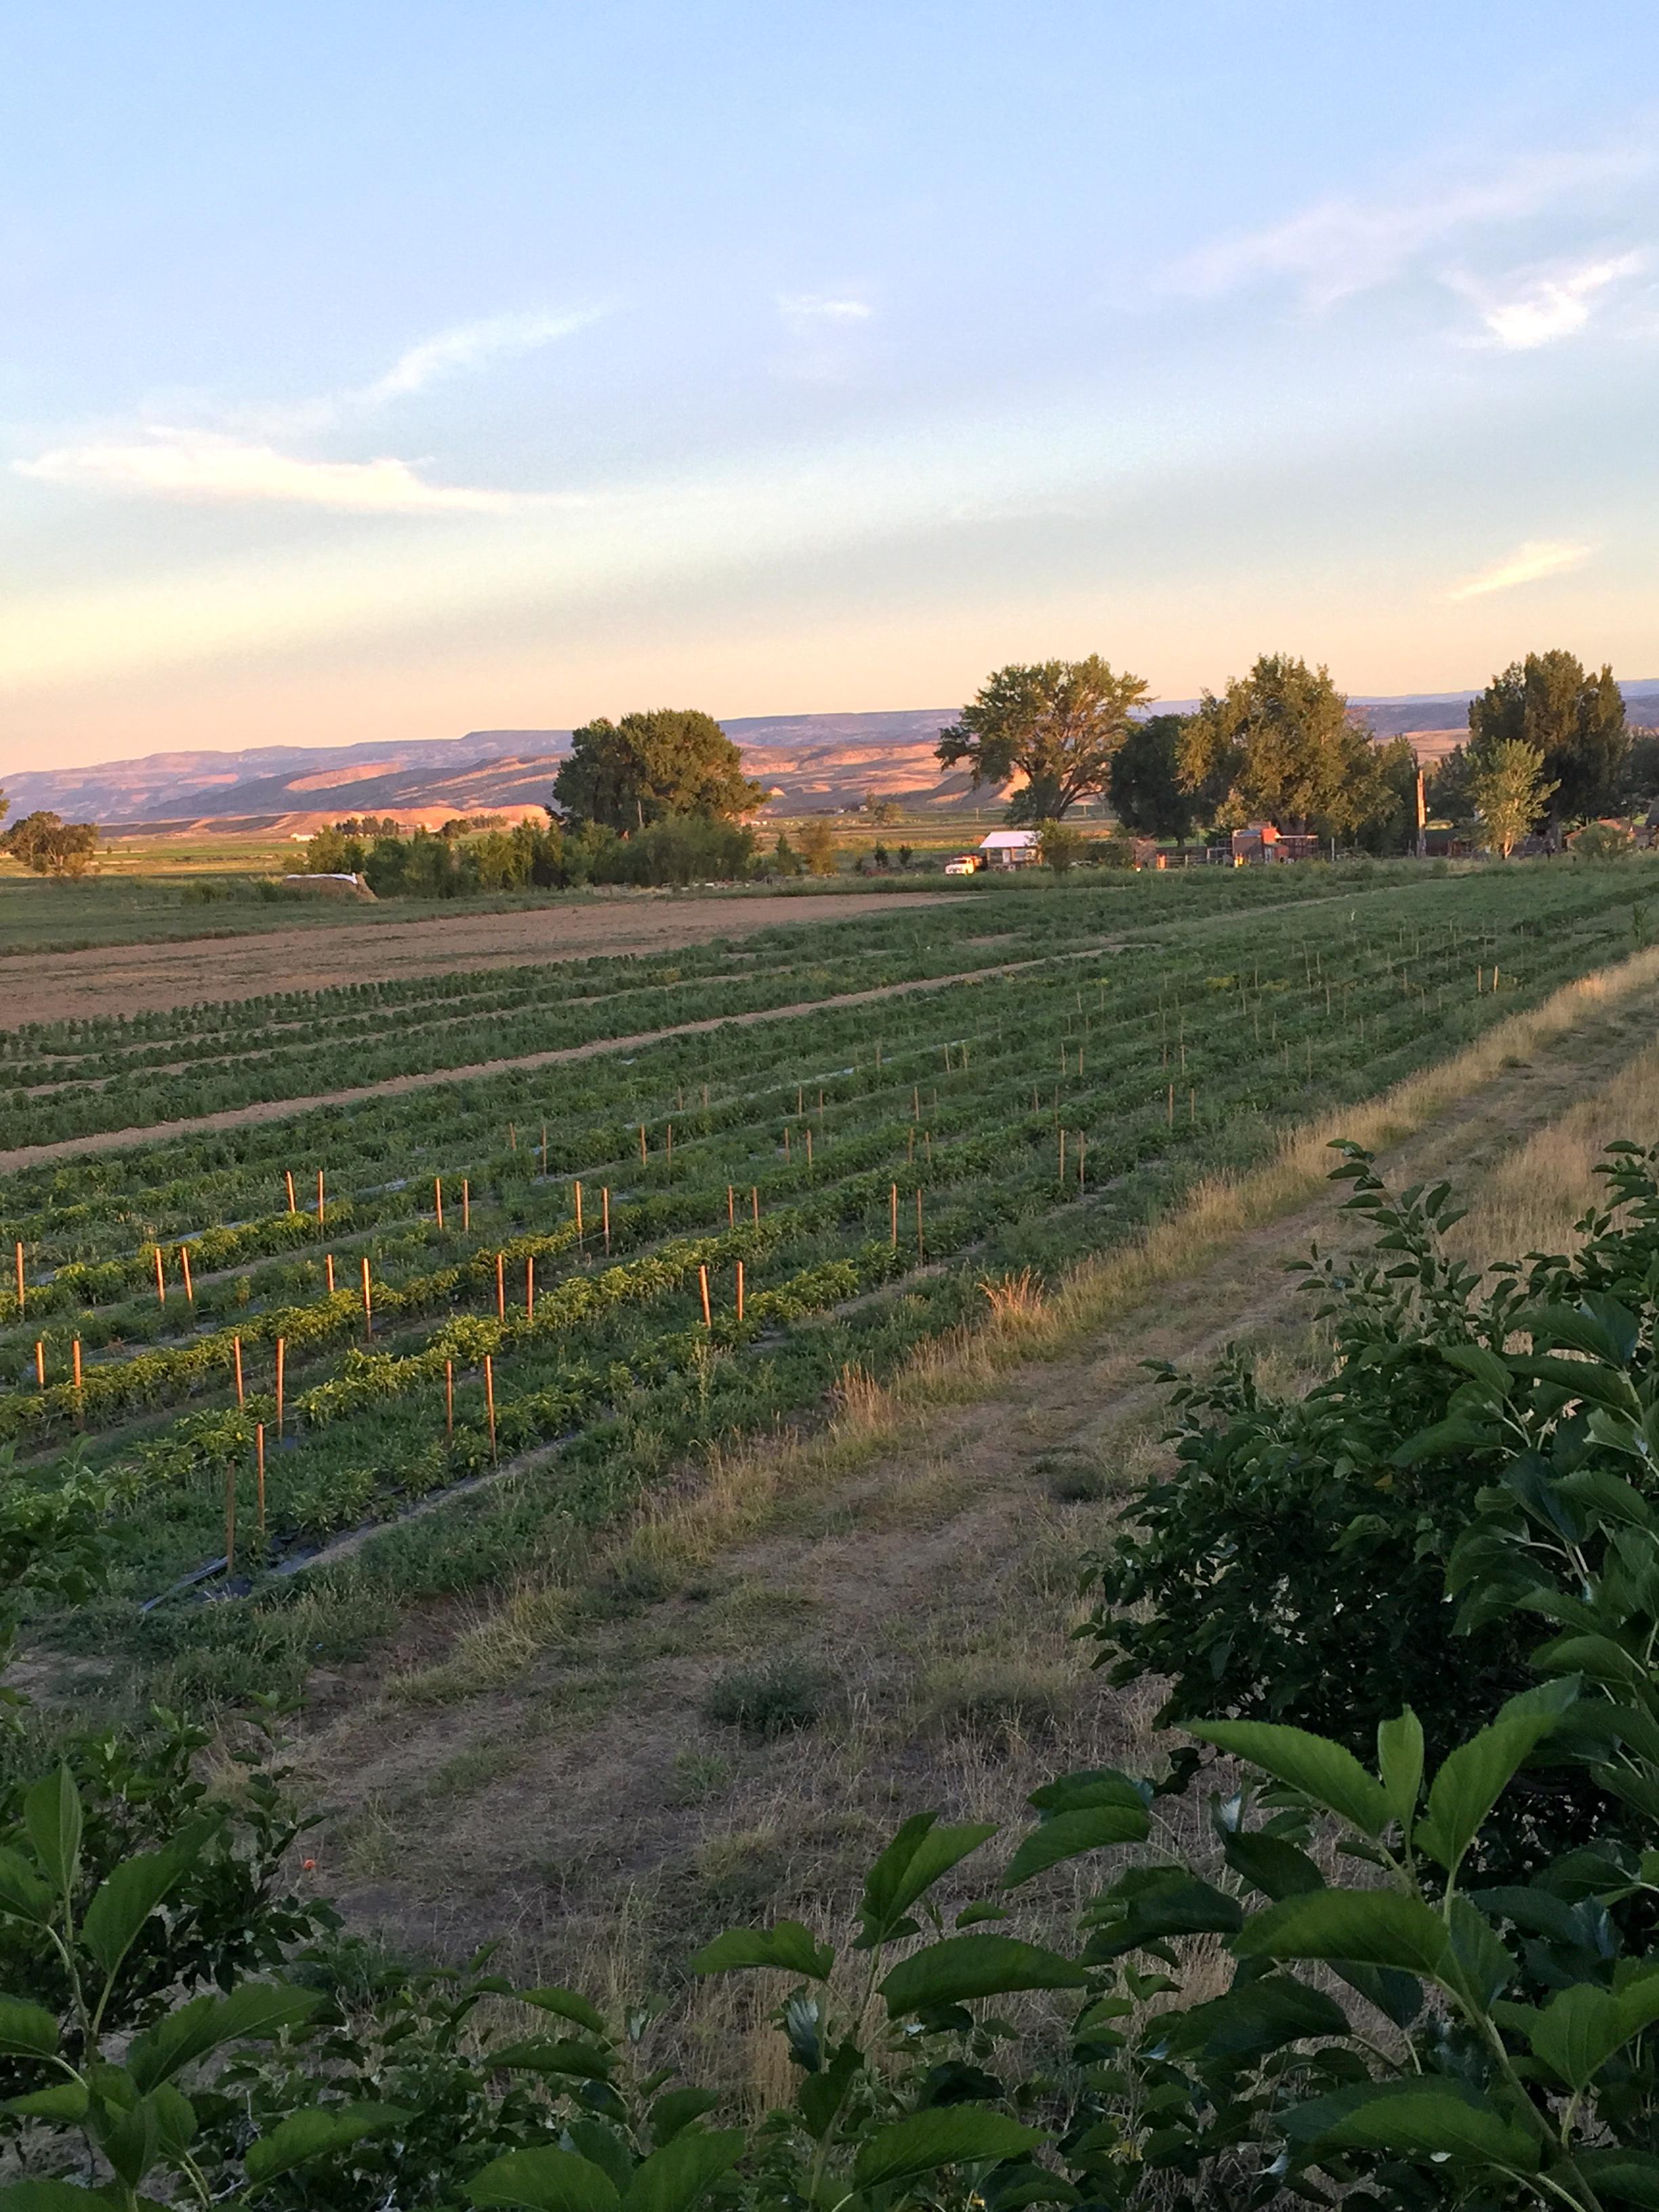 field from tree